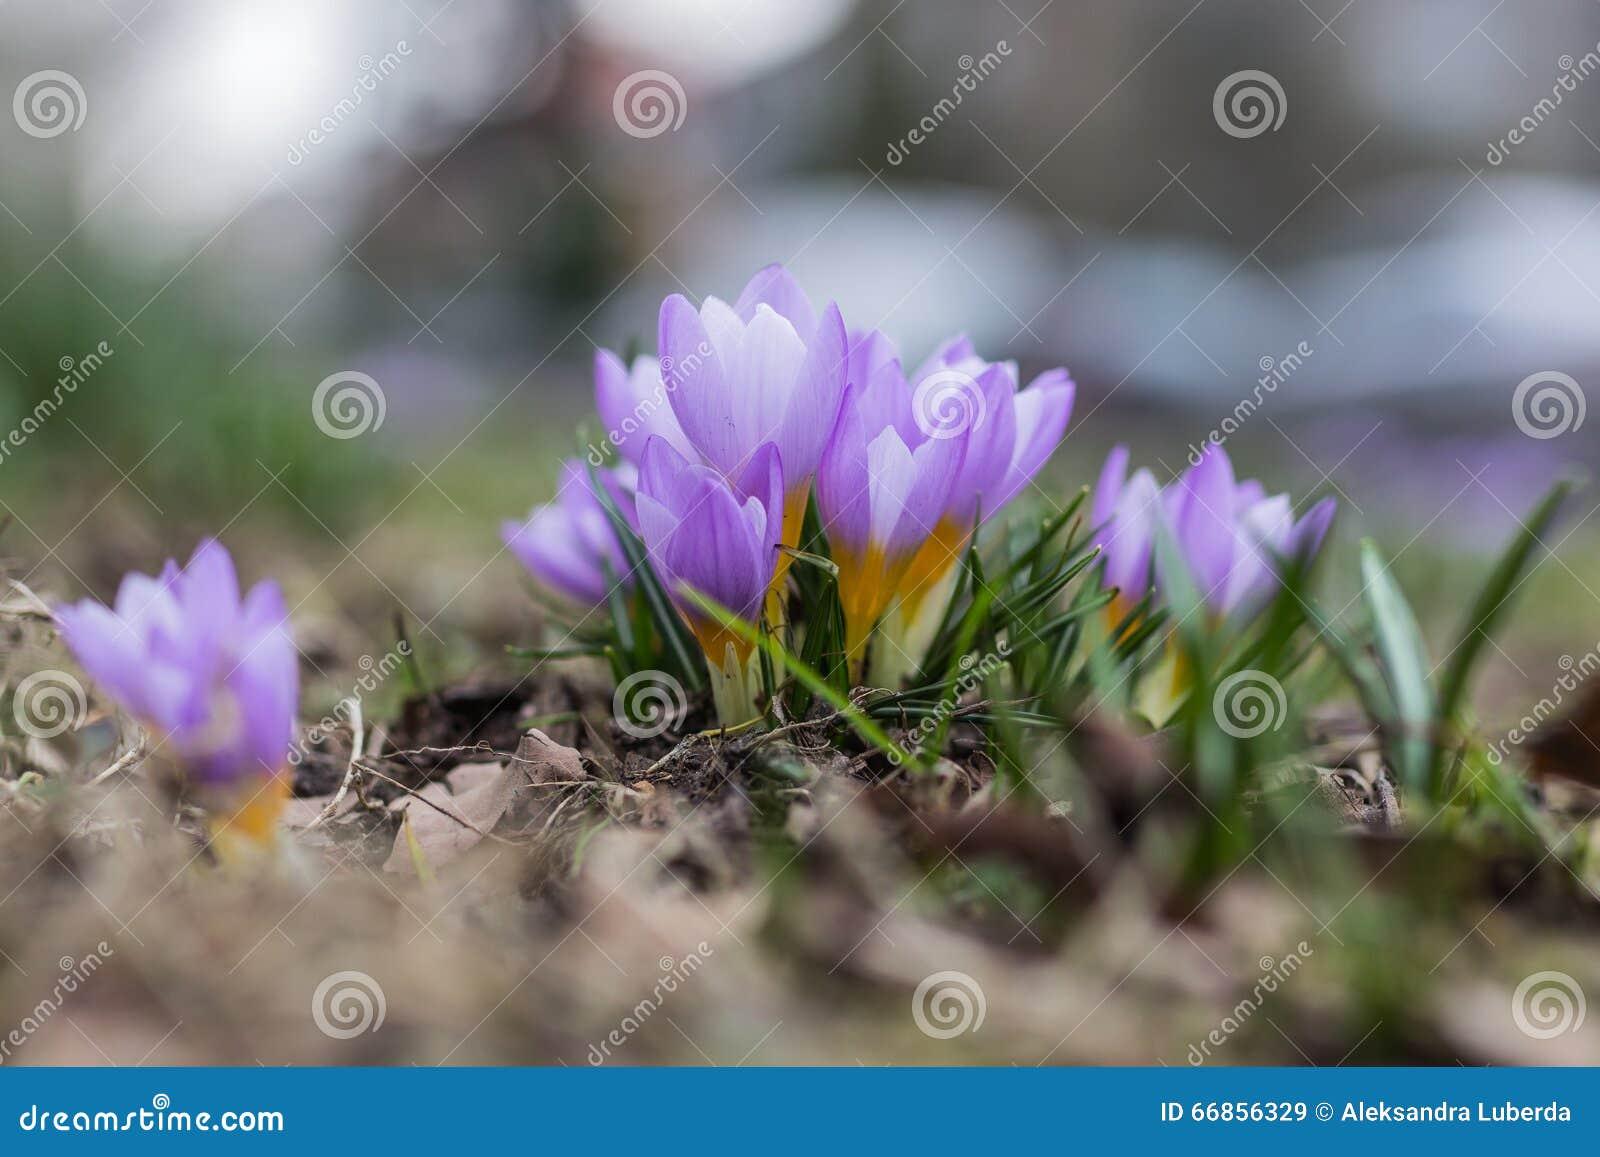 春天紫色番红花